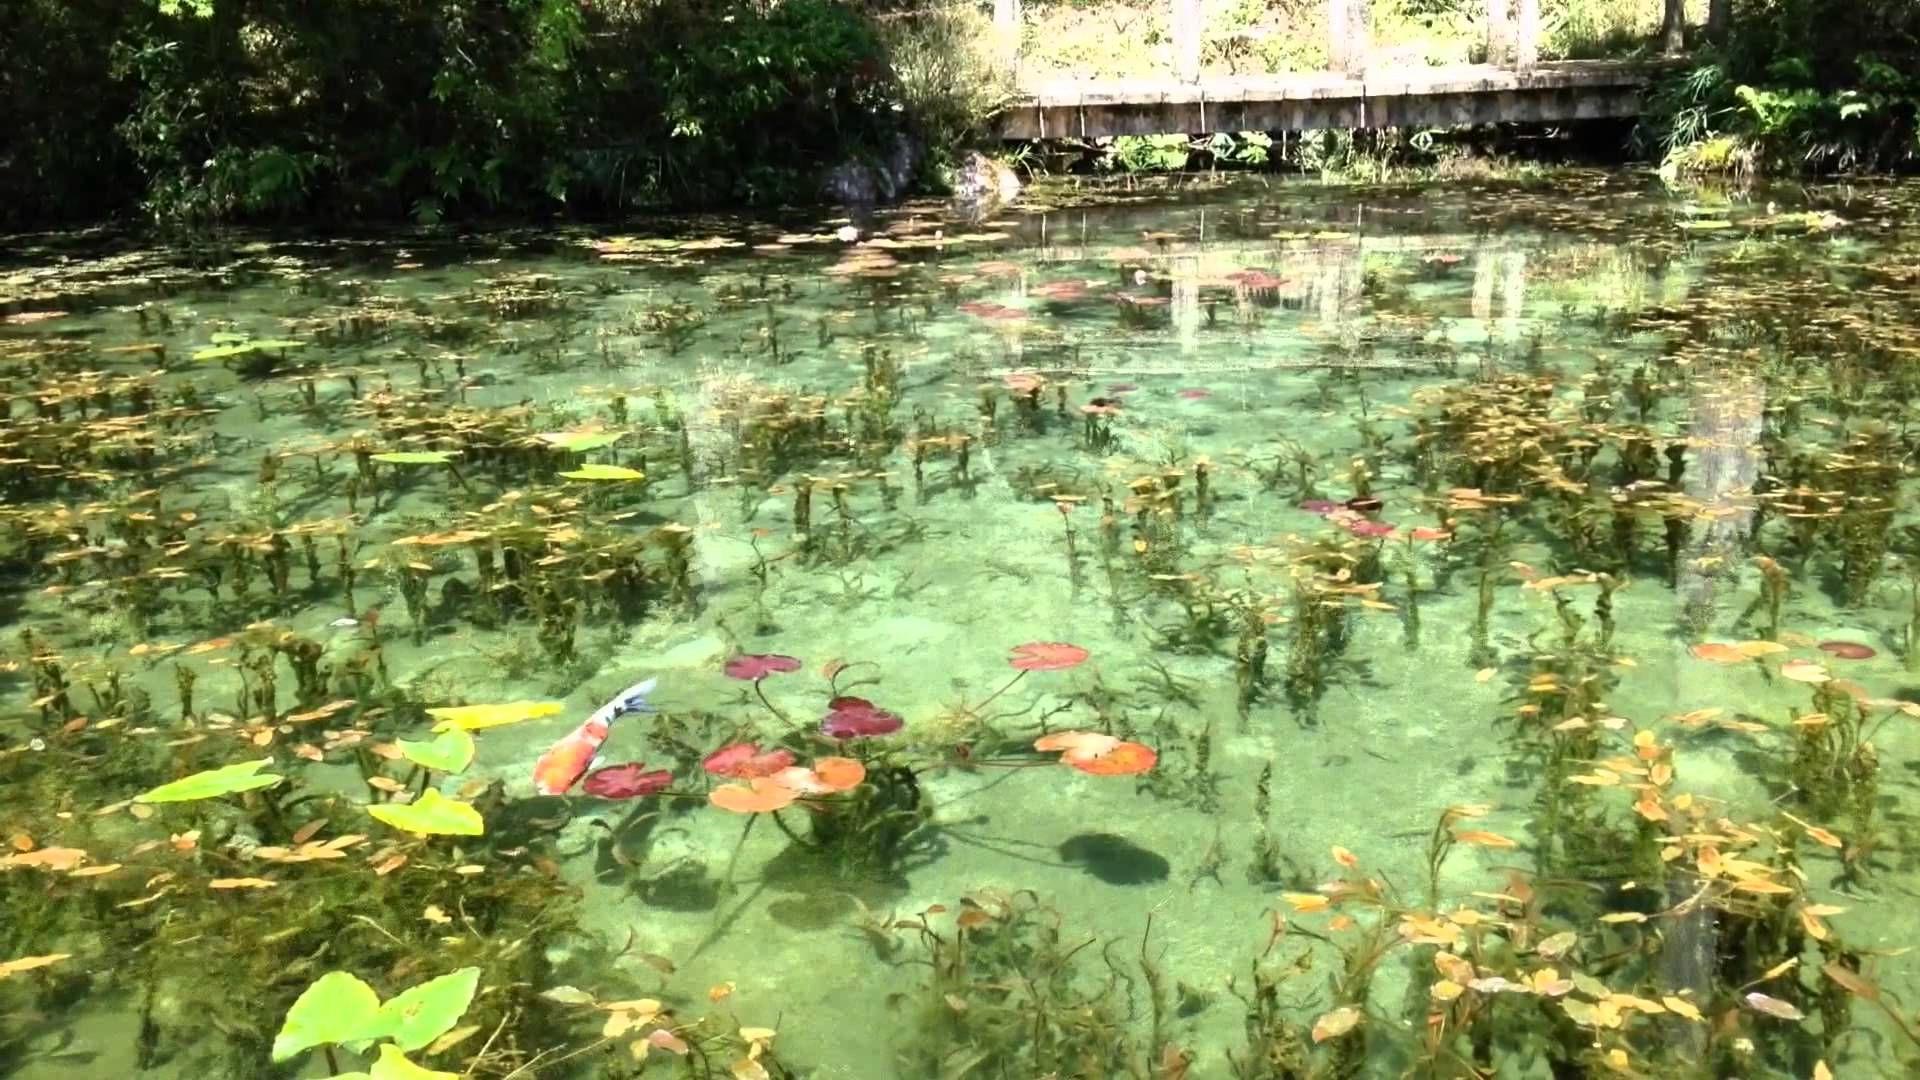 【絶景】岐阜県関市の睡蓮の池【モネの池】 | 写真 | モネの池 ...